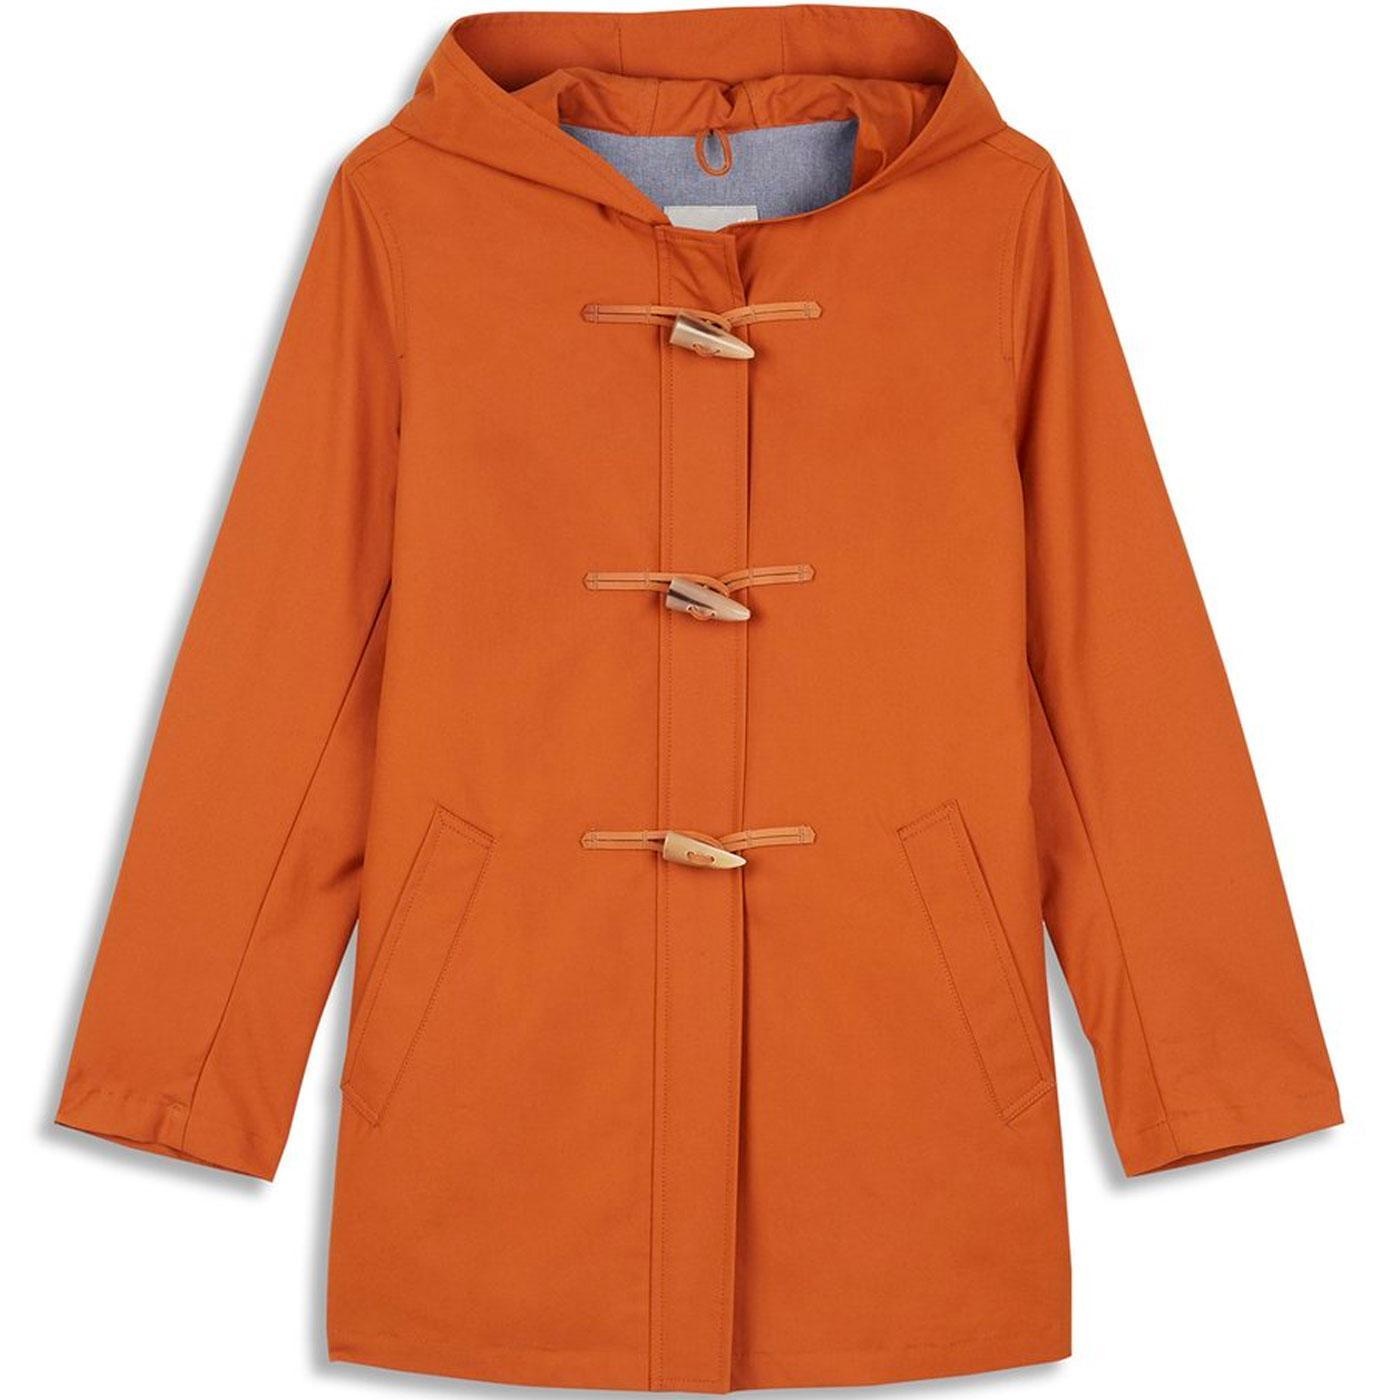 Lucy GLOVERALL Women's Showerproof Duffle Coat G